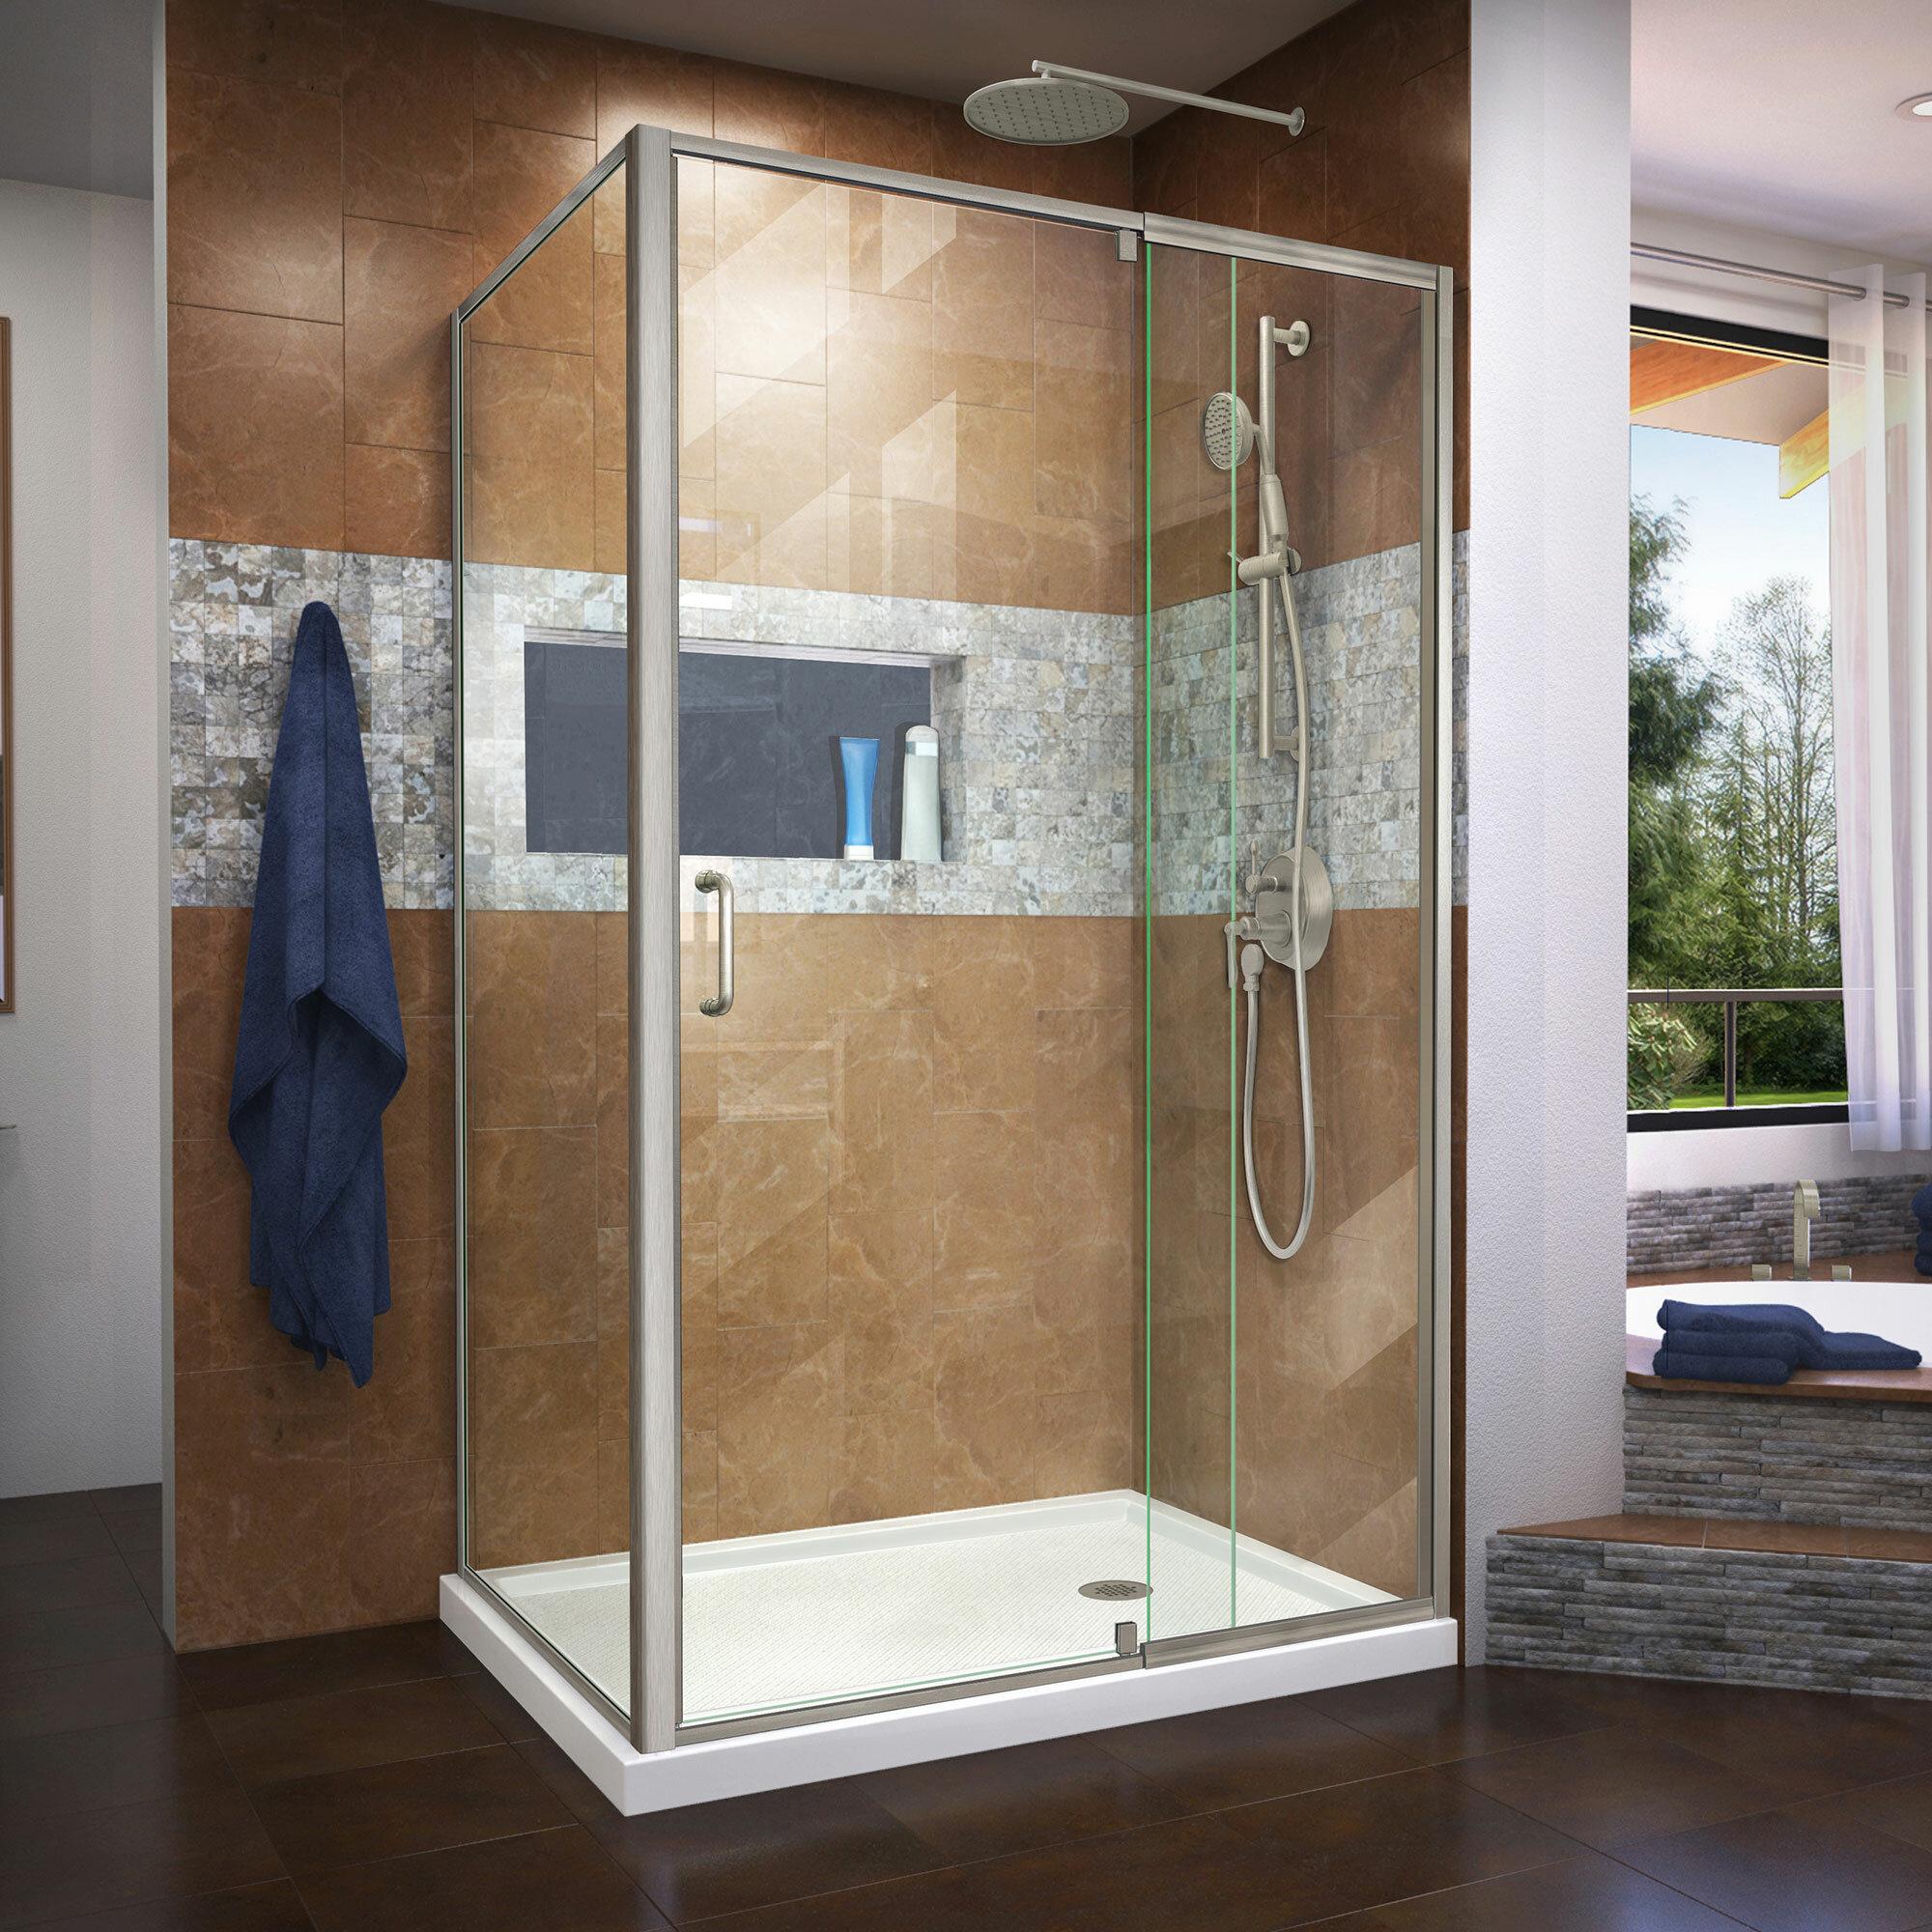 Semi Frameless Pivot Shower Enclosure 48 44 X 72 Rectangle Pivot Shower Enclosure